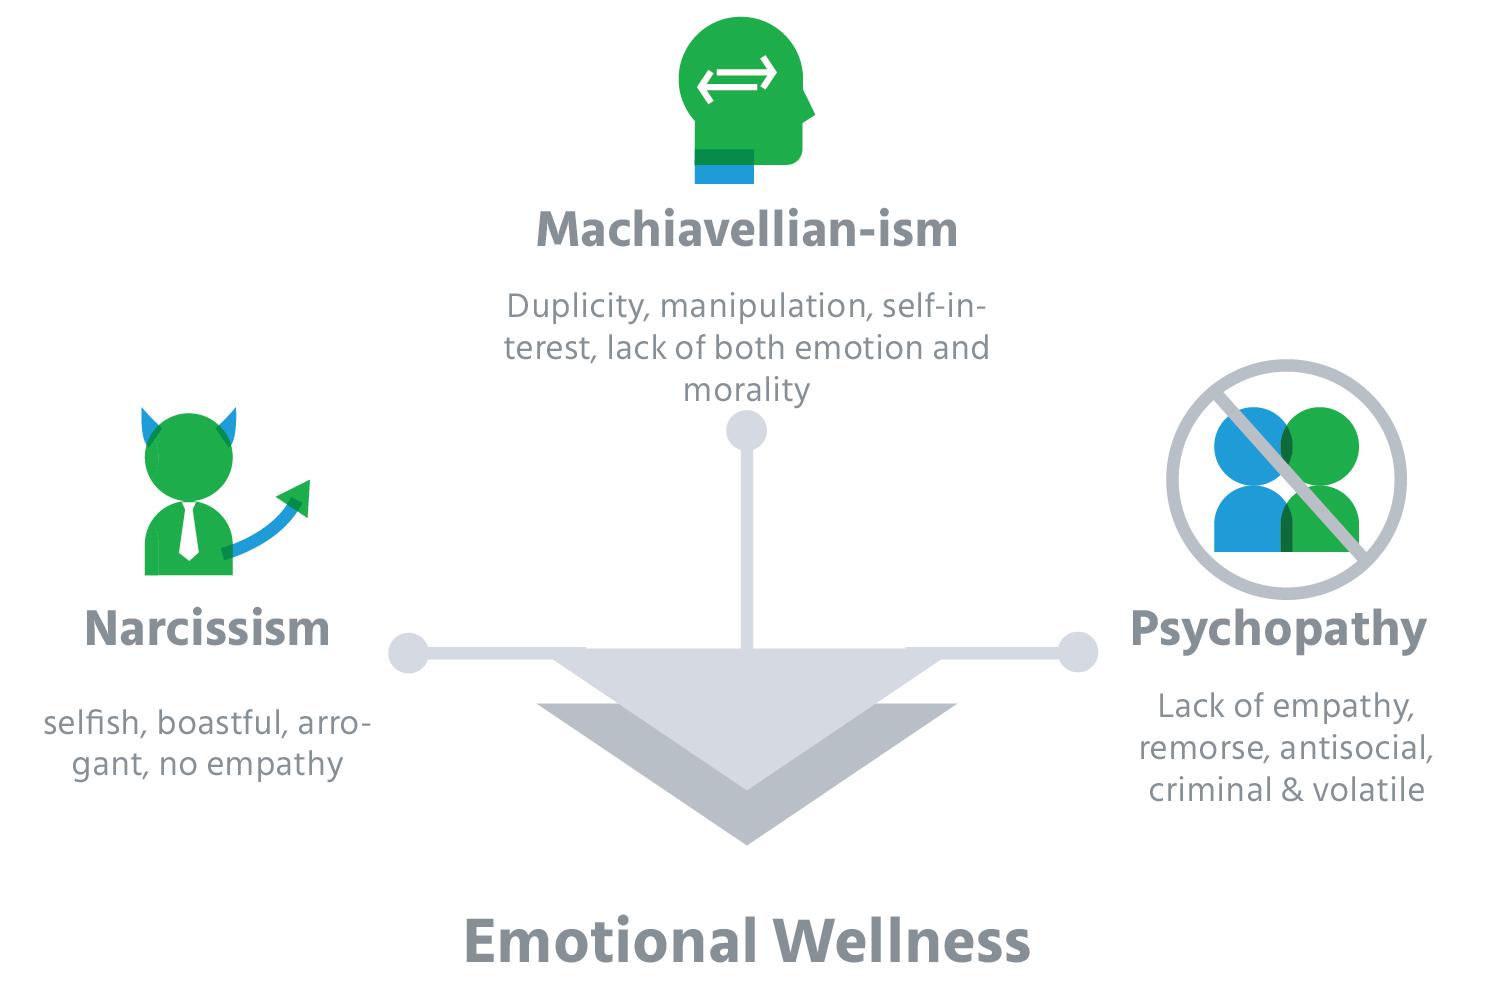 employee_engagement_strategies_dark_personality_traits